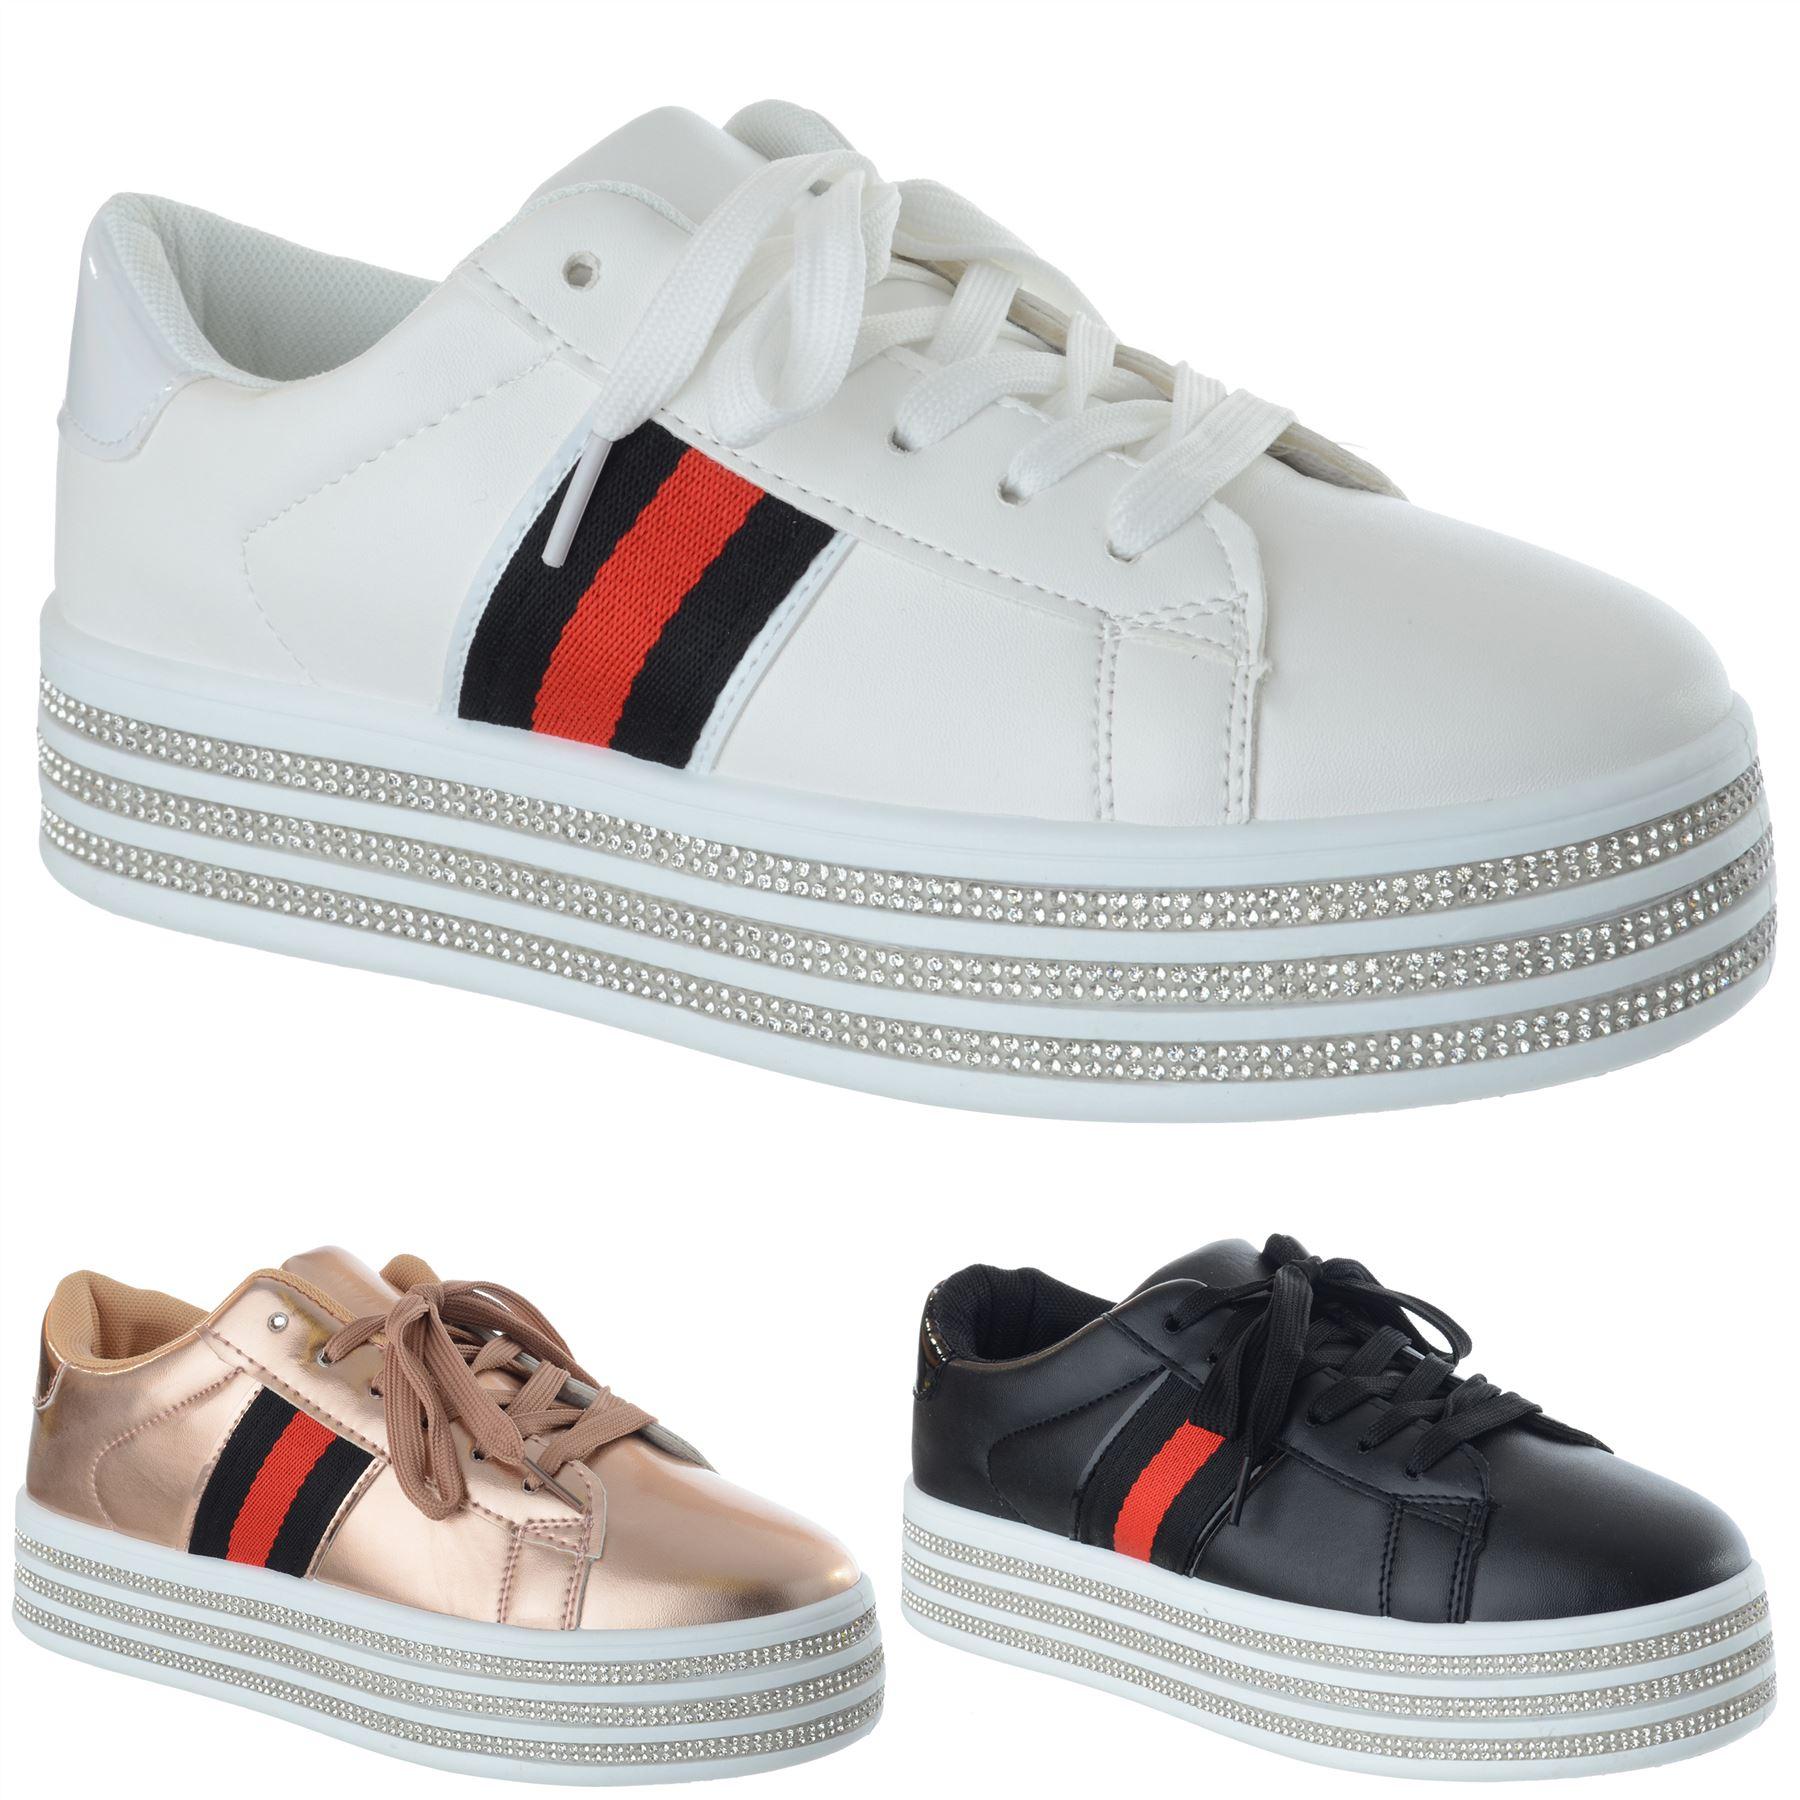 Fashion Sneakers Sportschuhe mit NIETEN besetzt